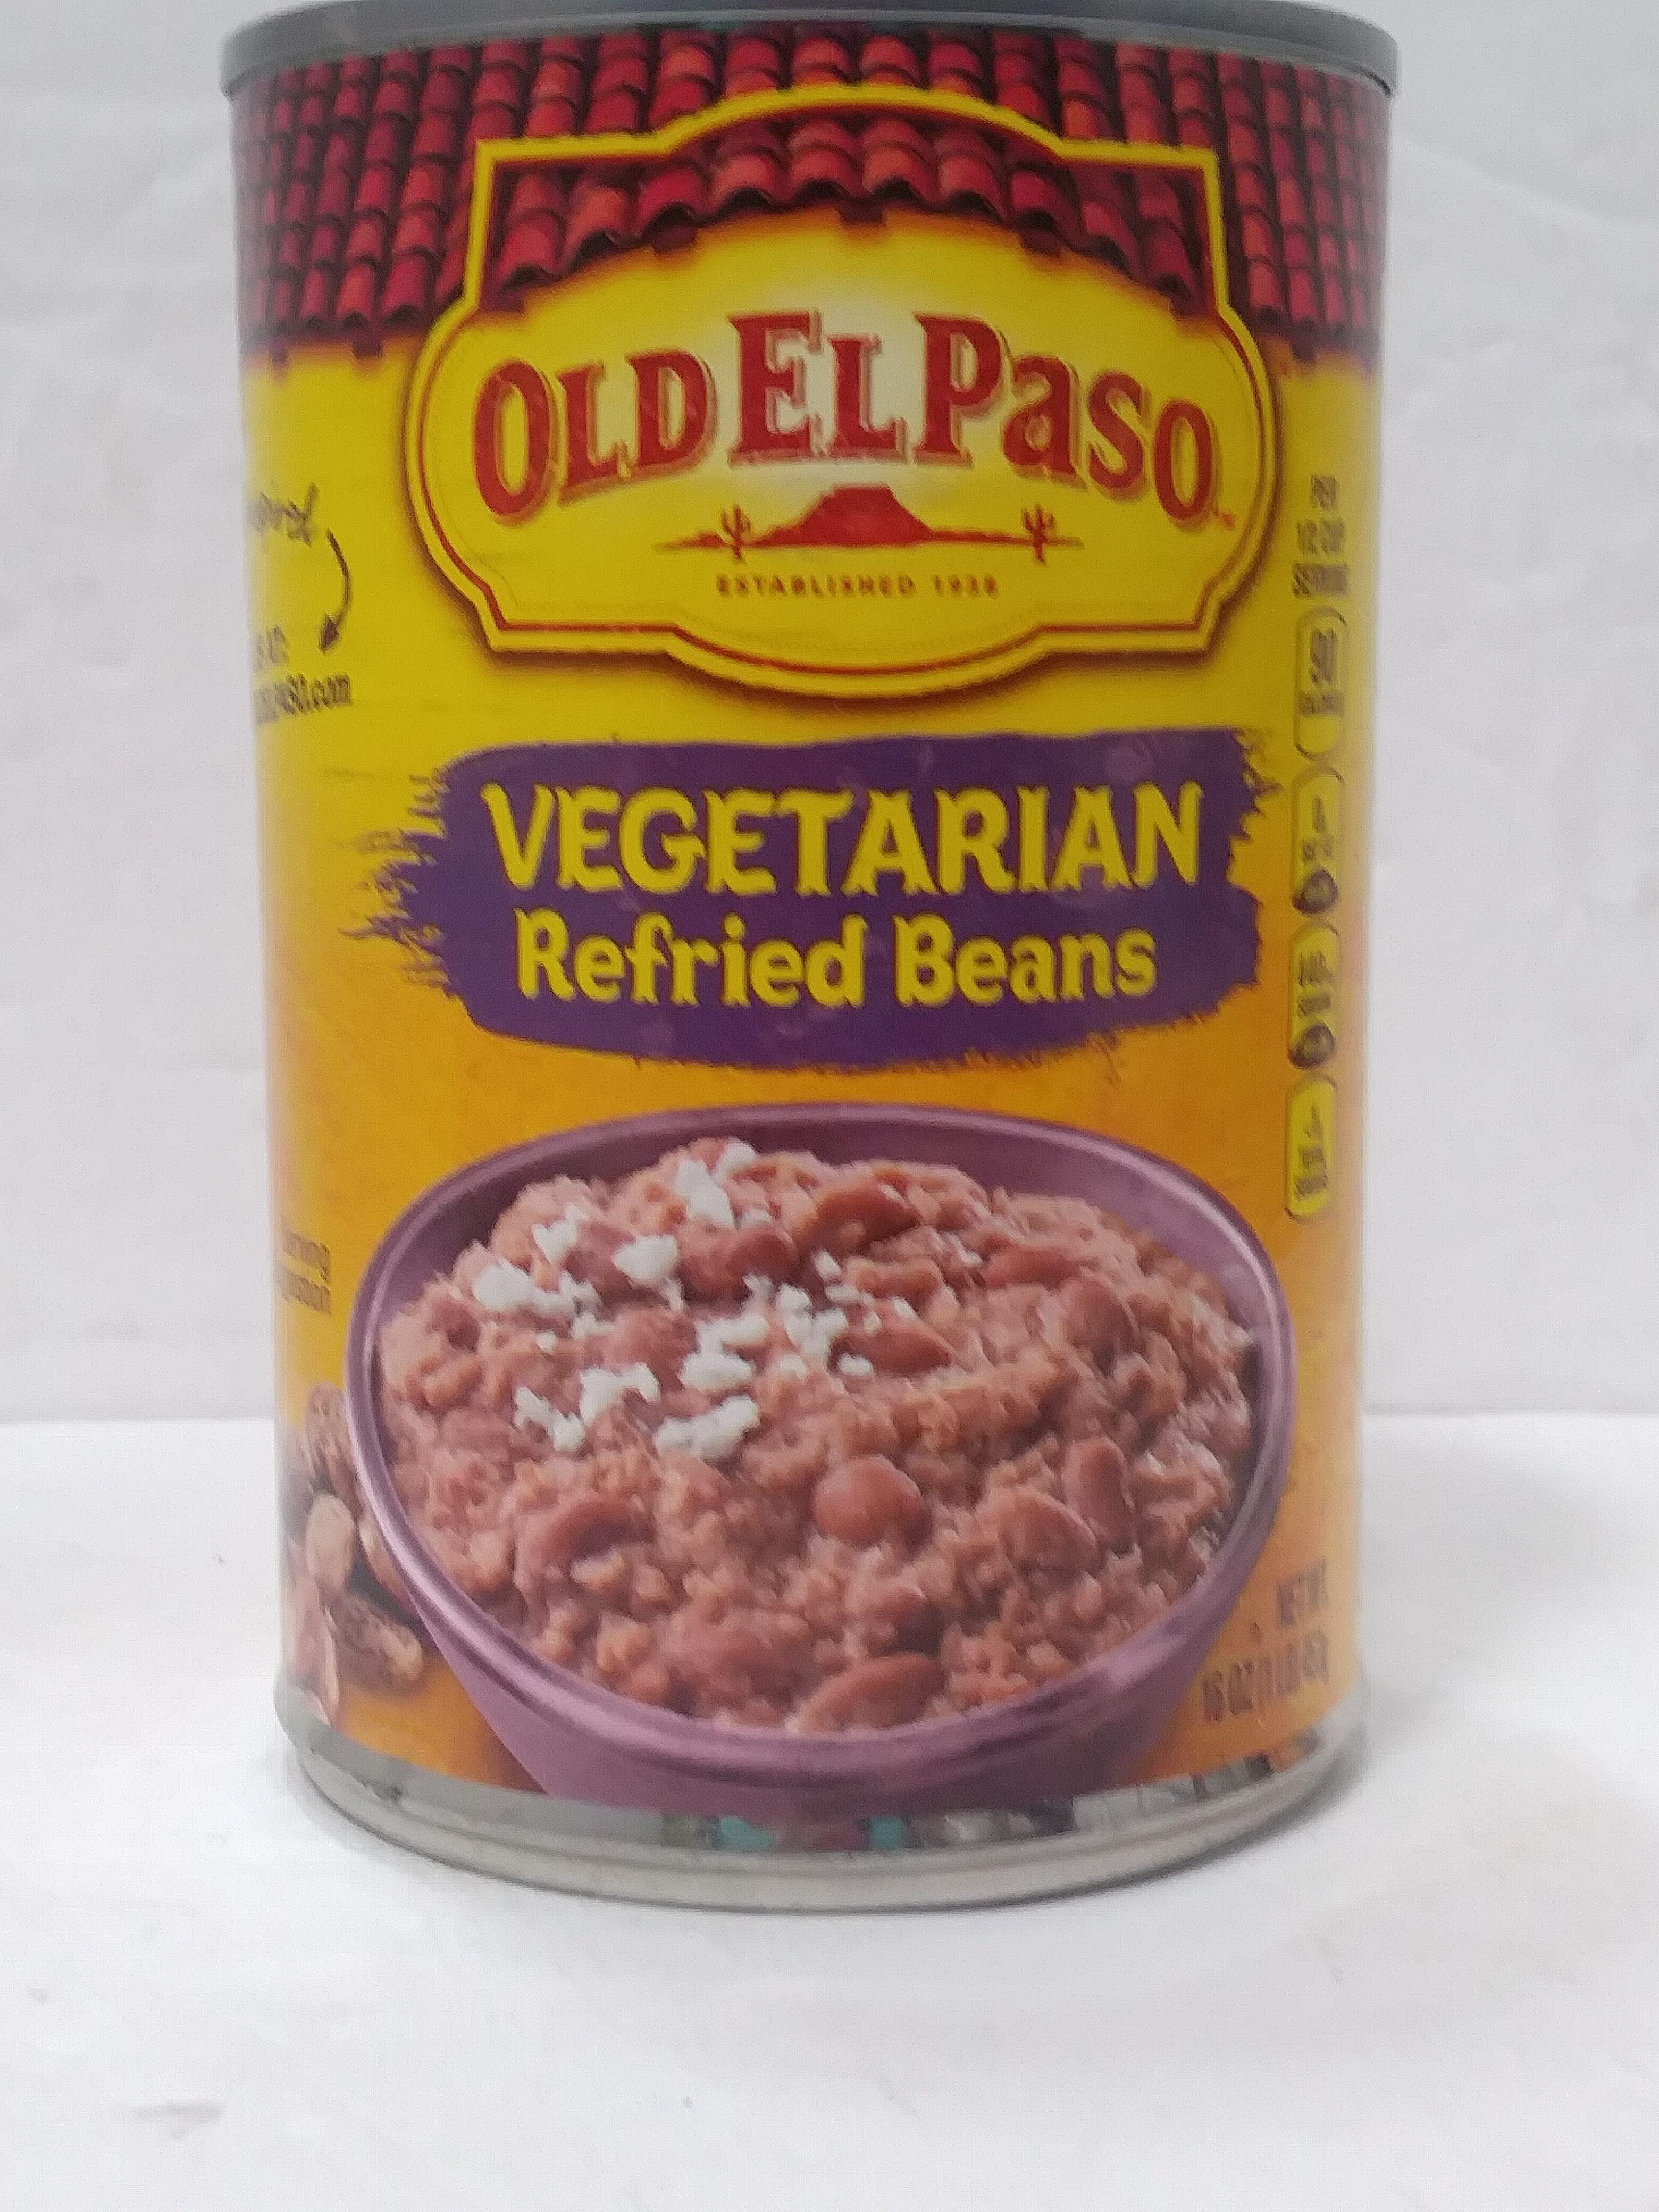 vegetarian refried beans - Product - en